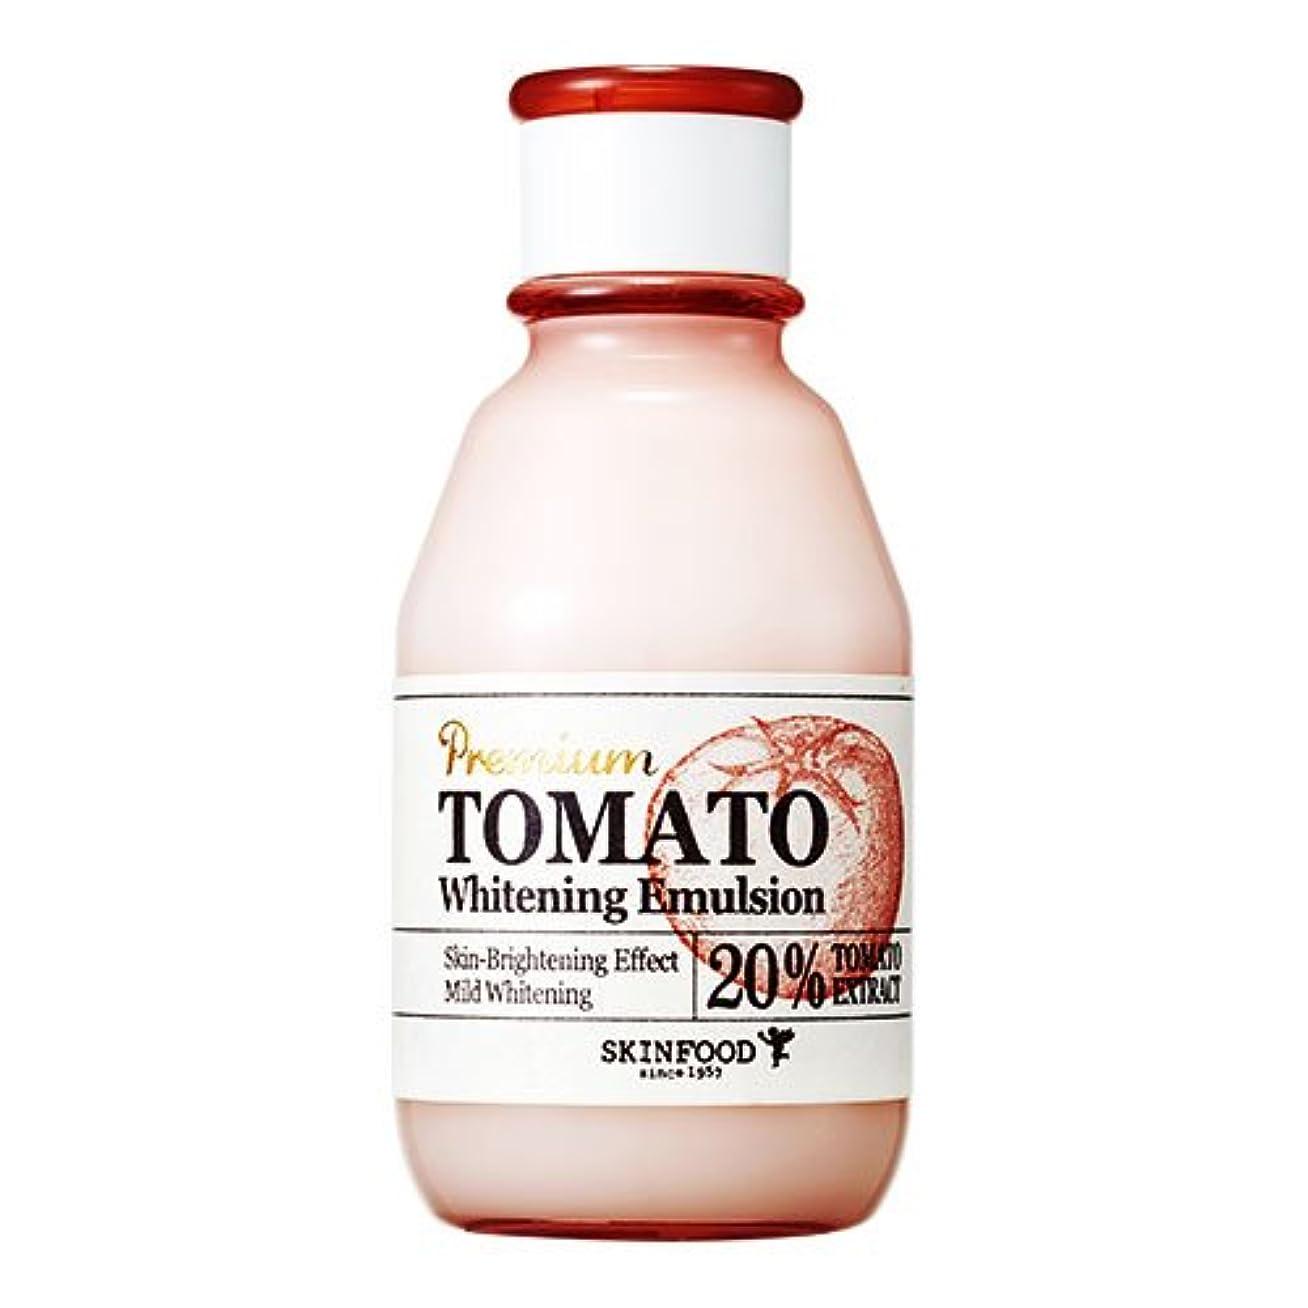 喜んで脱臼する巨大な[スキンフード] SKINFOOD プレミアムトマトホワイトニングエマルジョン Premium Tomato Whitening Emulsion (海外直送品) [並行輸入品]